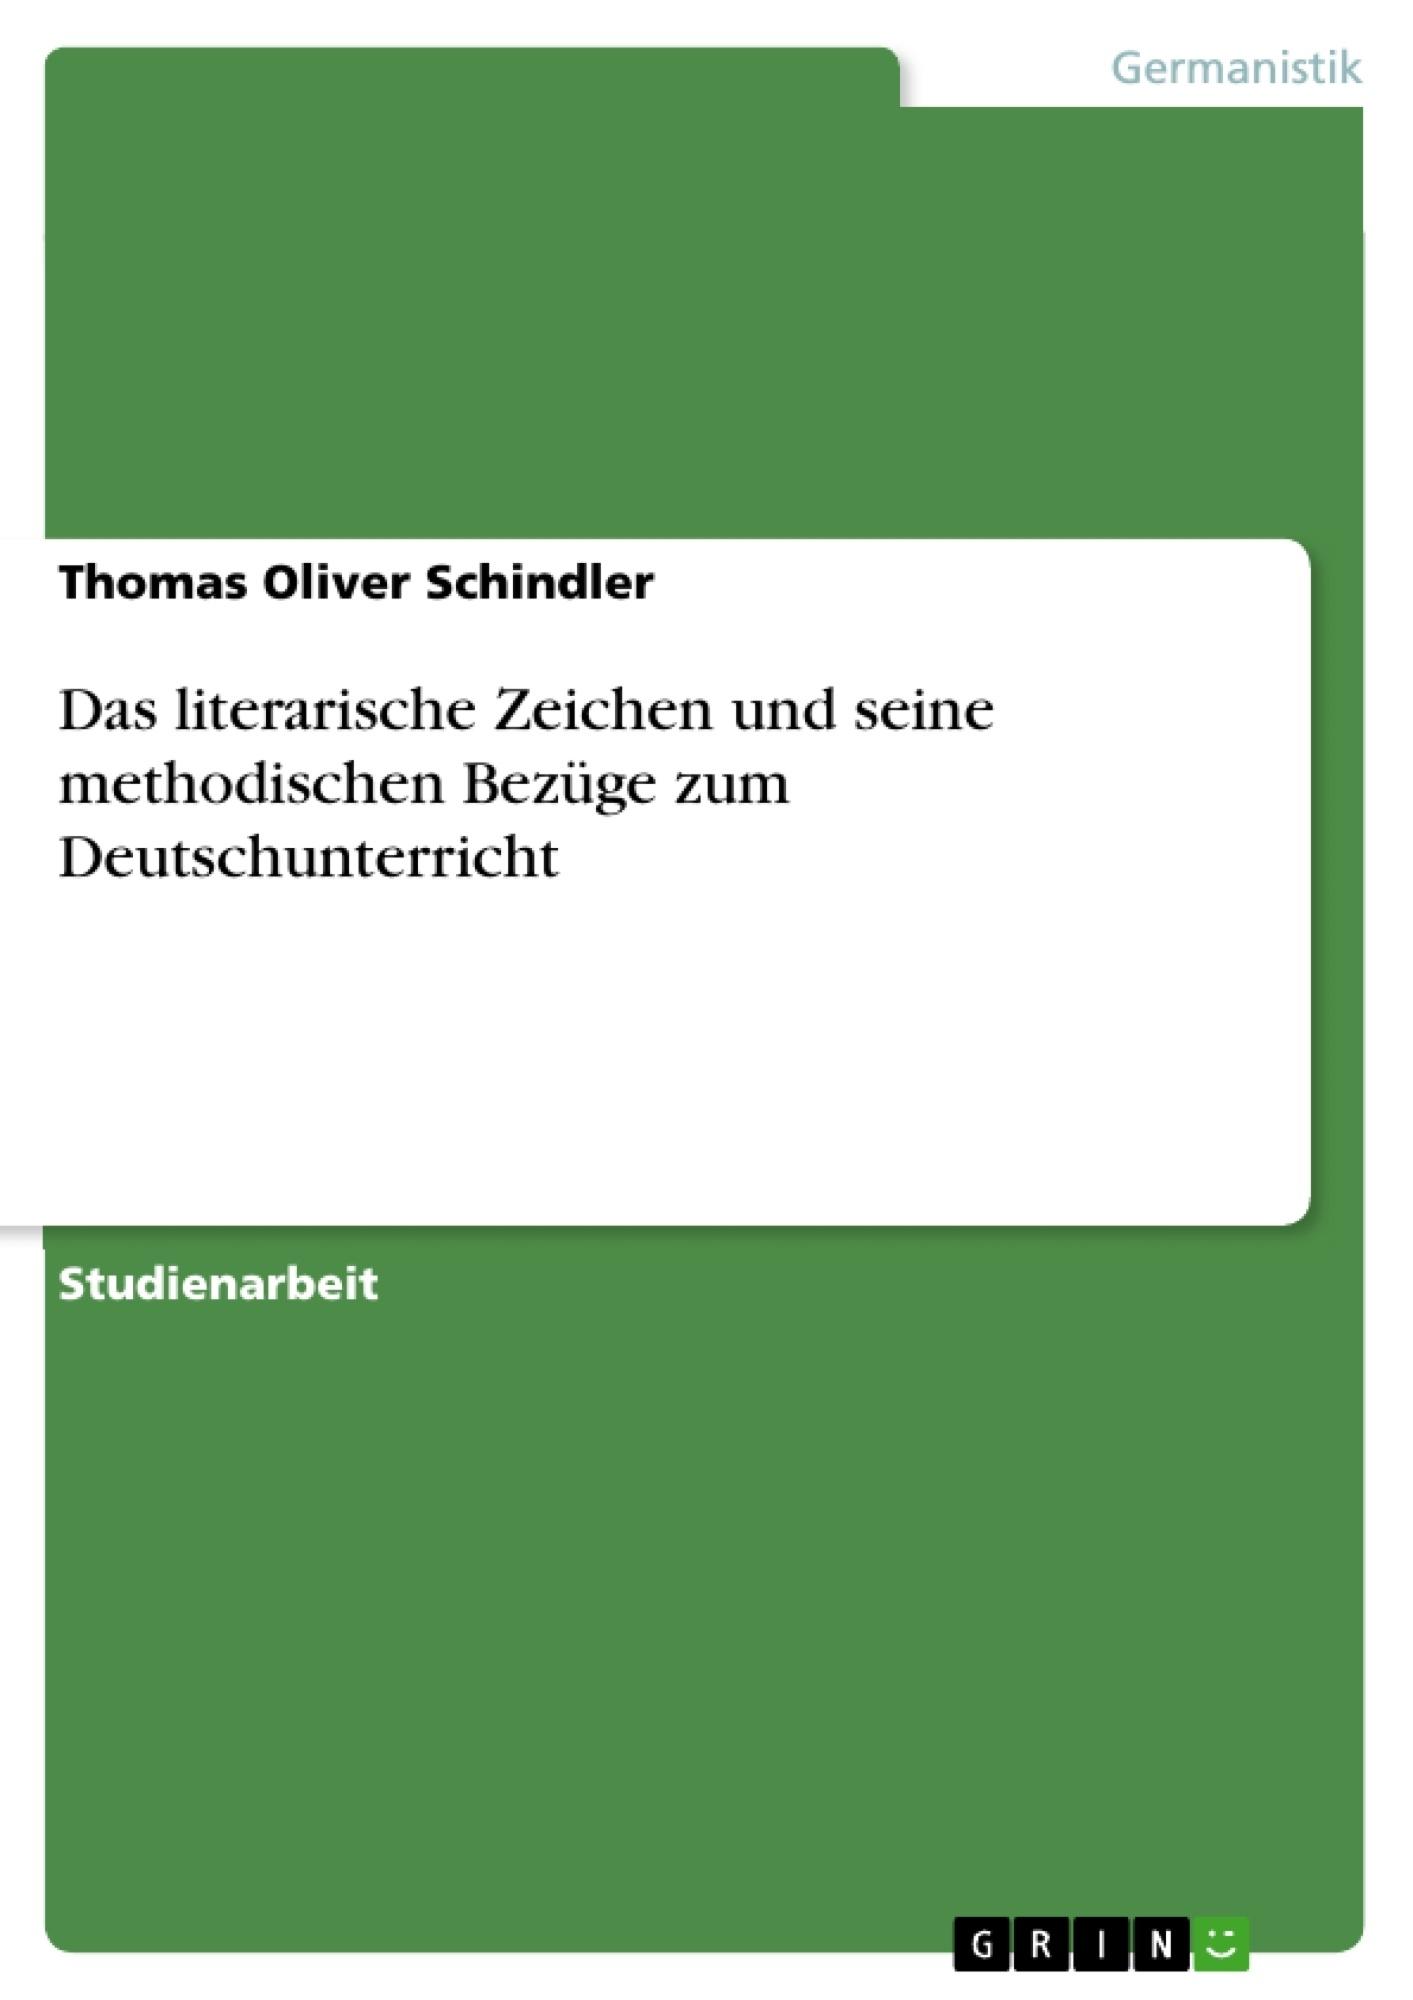 Titel: Das literarische Zeichen und seine methodischen Bezüge zum Deutschunterricht